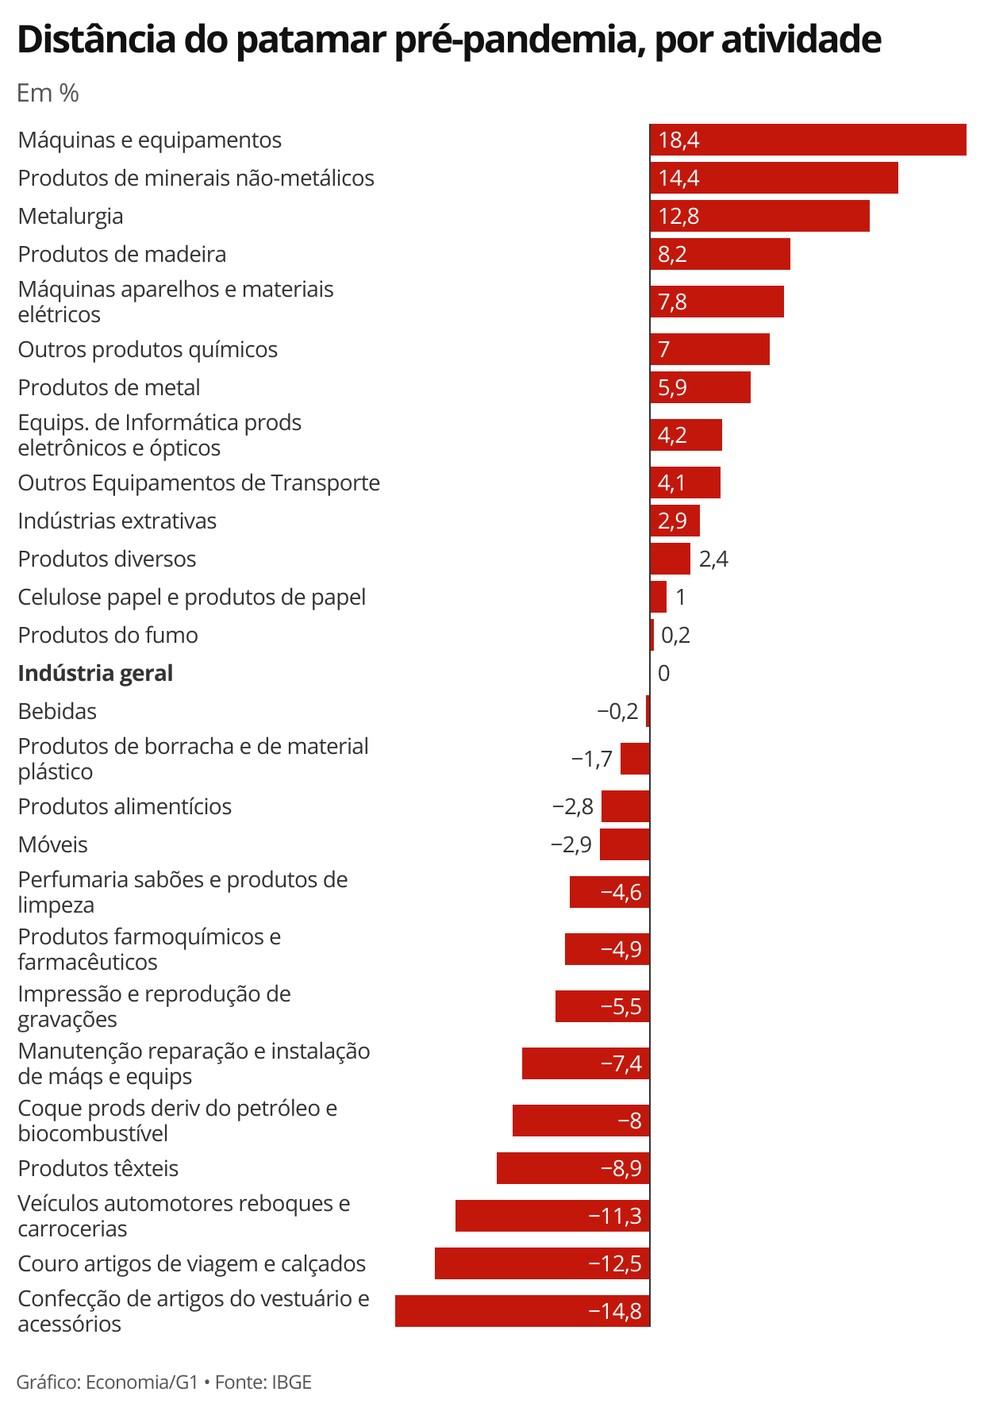 Metade das atividades industriais retomaram o patamar pré-pandemia em maio — Foto: Economia/G1